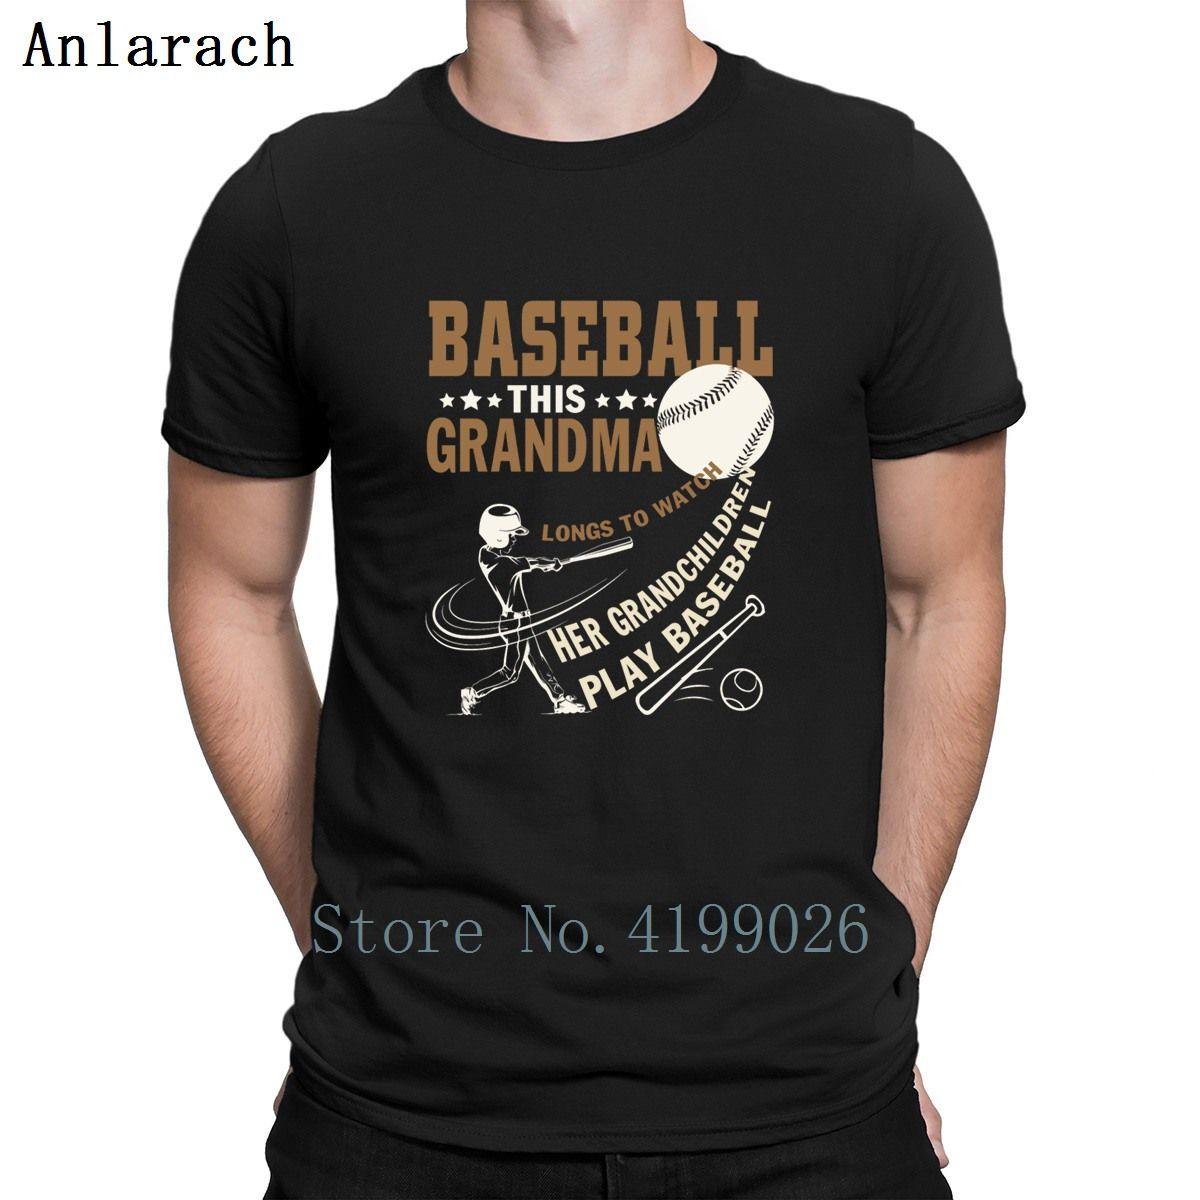 Ses Petits-enfants Jouer Baseballs T-shirts Top T Taille S-3XL Créature Gents T-shirt Nouveau mode famille Lumière du soleil élégant